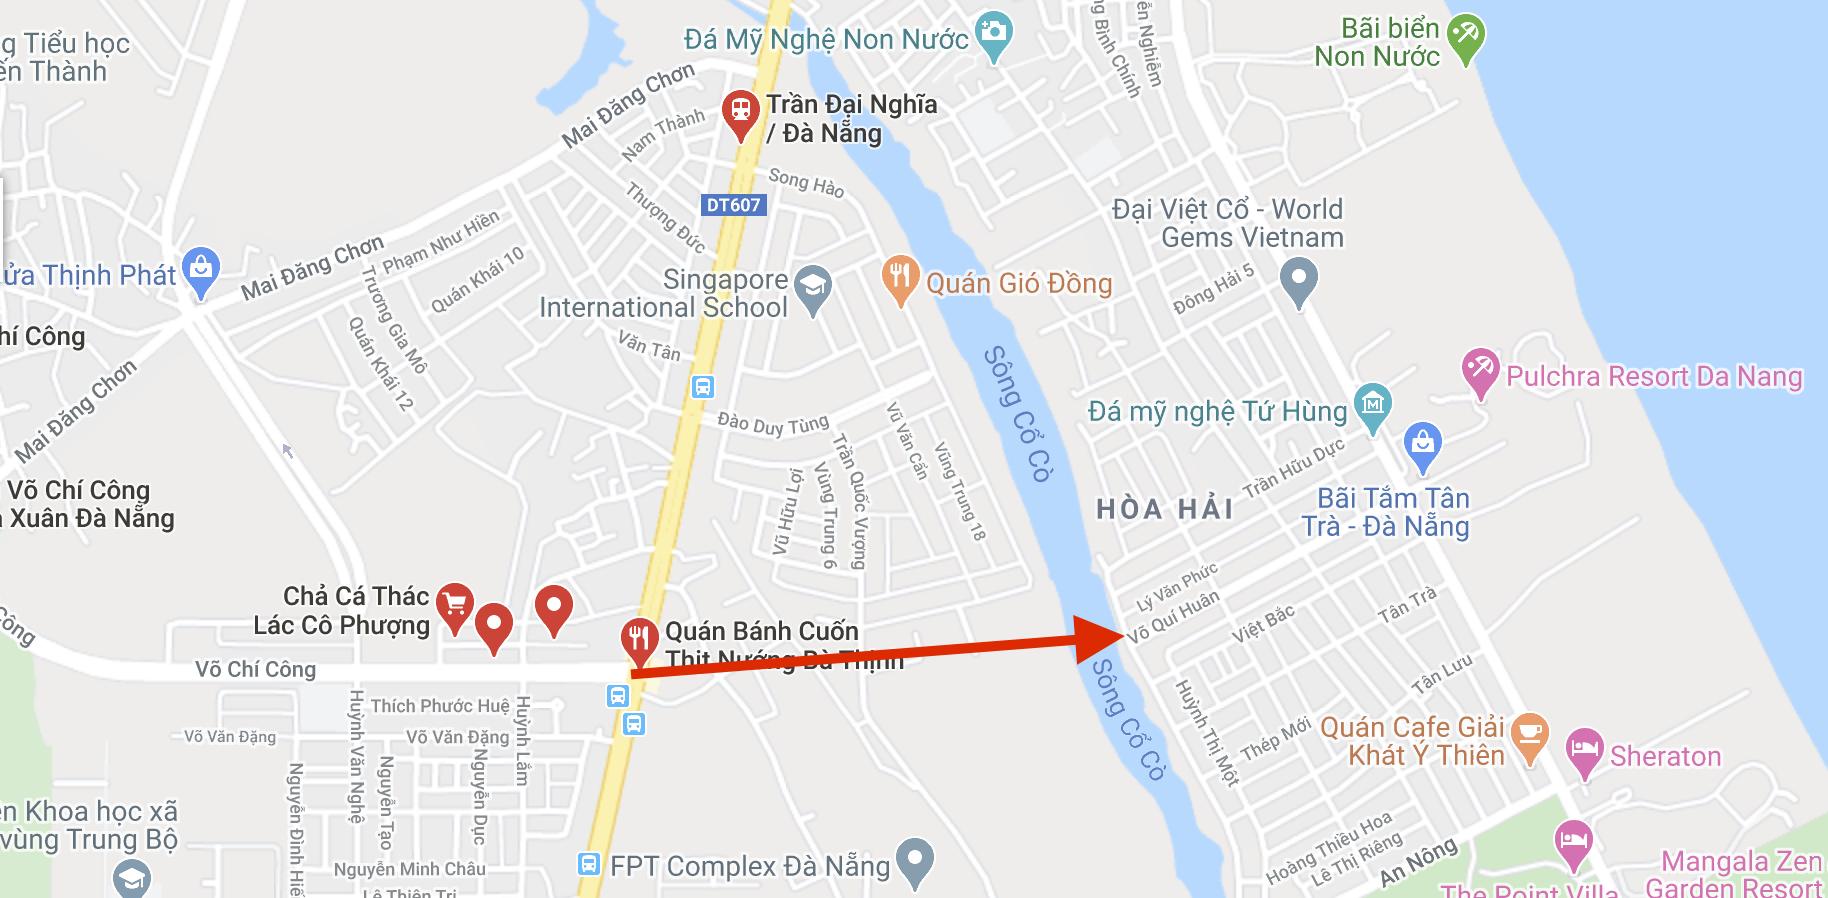 Cận cảnh nơi Đà Nẵng làm cầu, đường qua sông Cổ Cò, đường vành hơn 1.400 tỉ đồng - Ảnh 1.